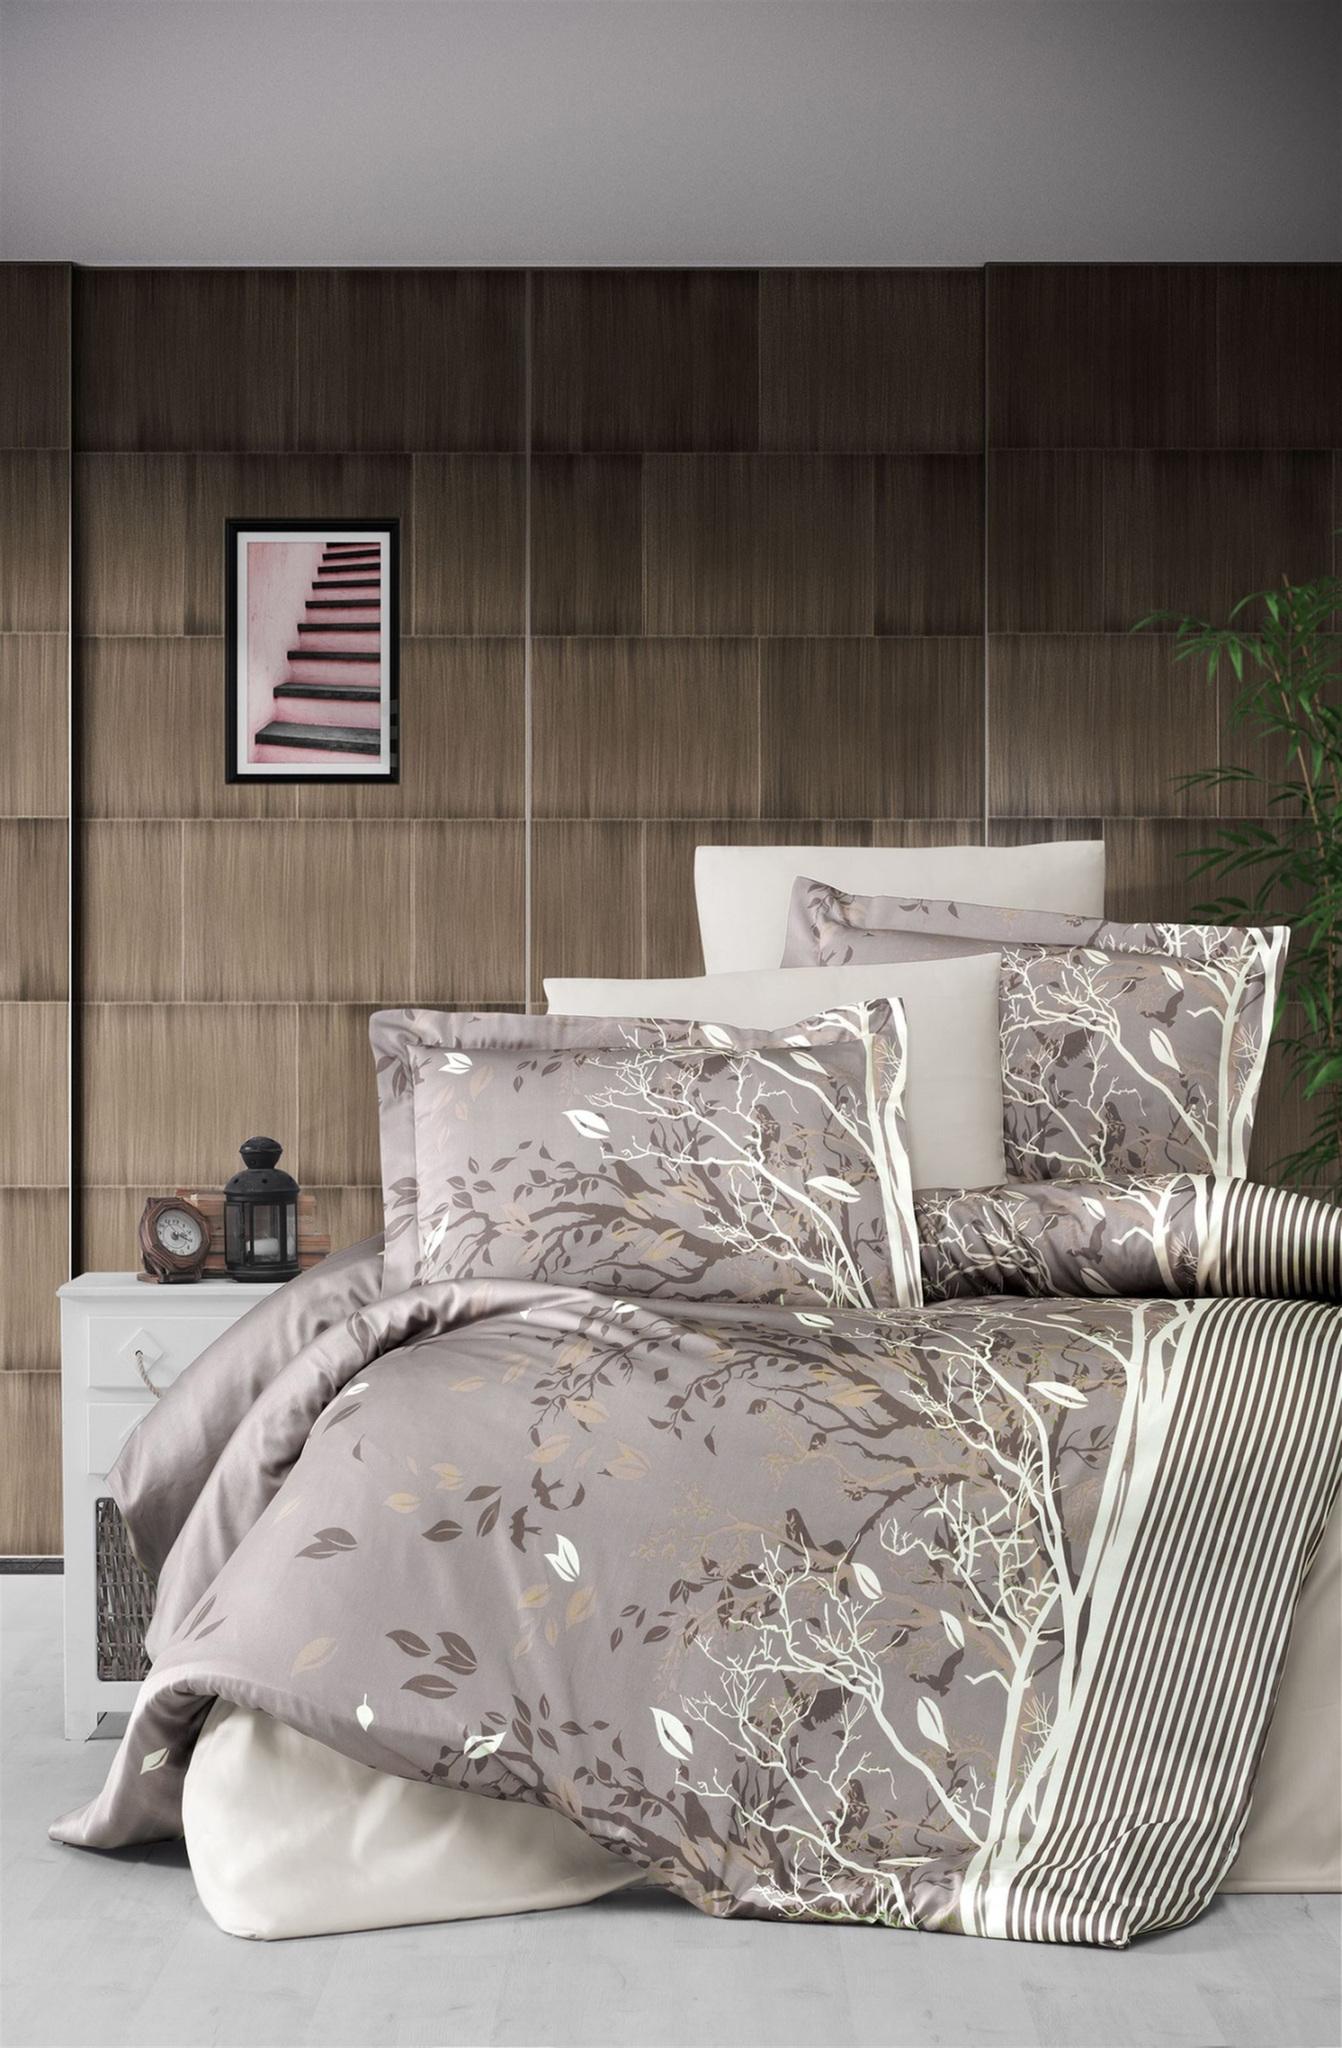 Комплект сатинового постельного белья 11476 Living коричневый Doco